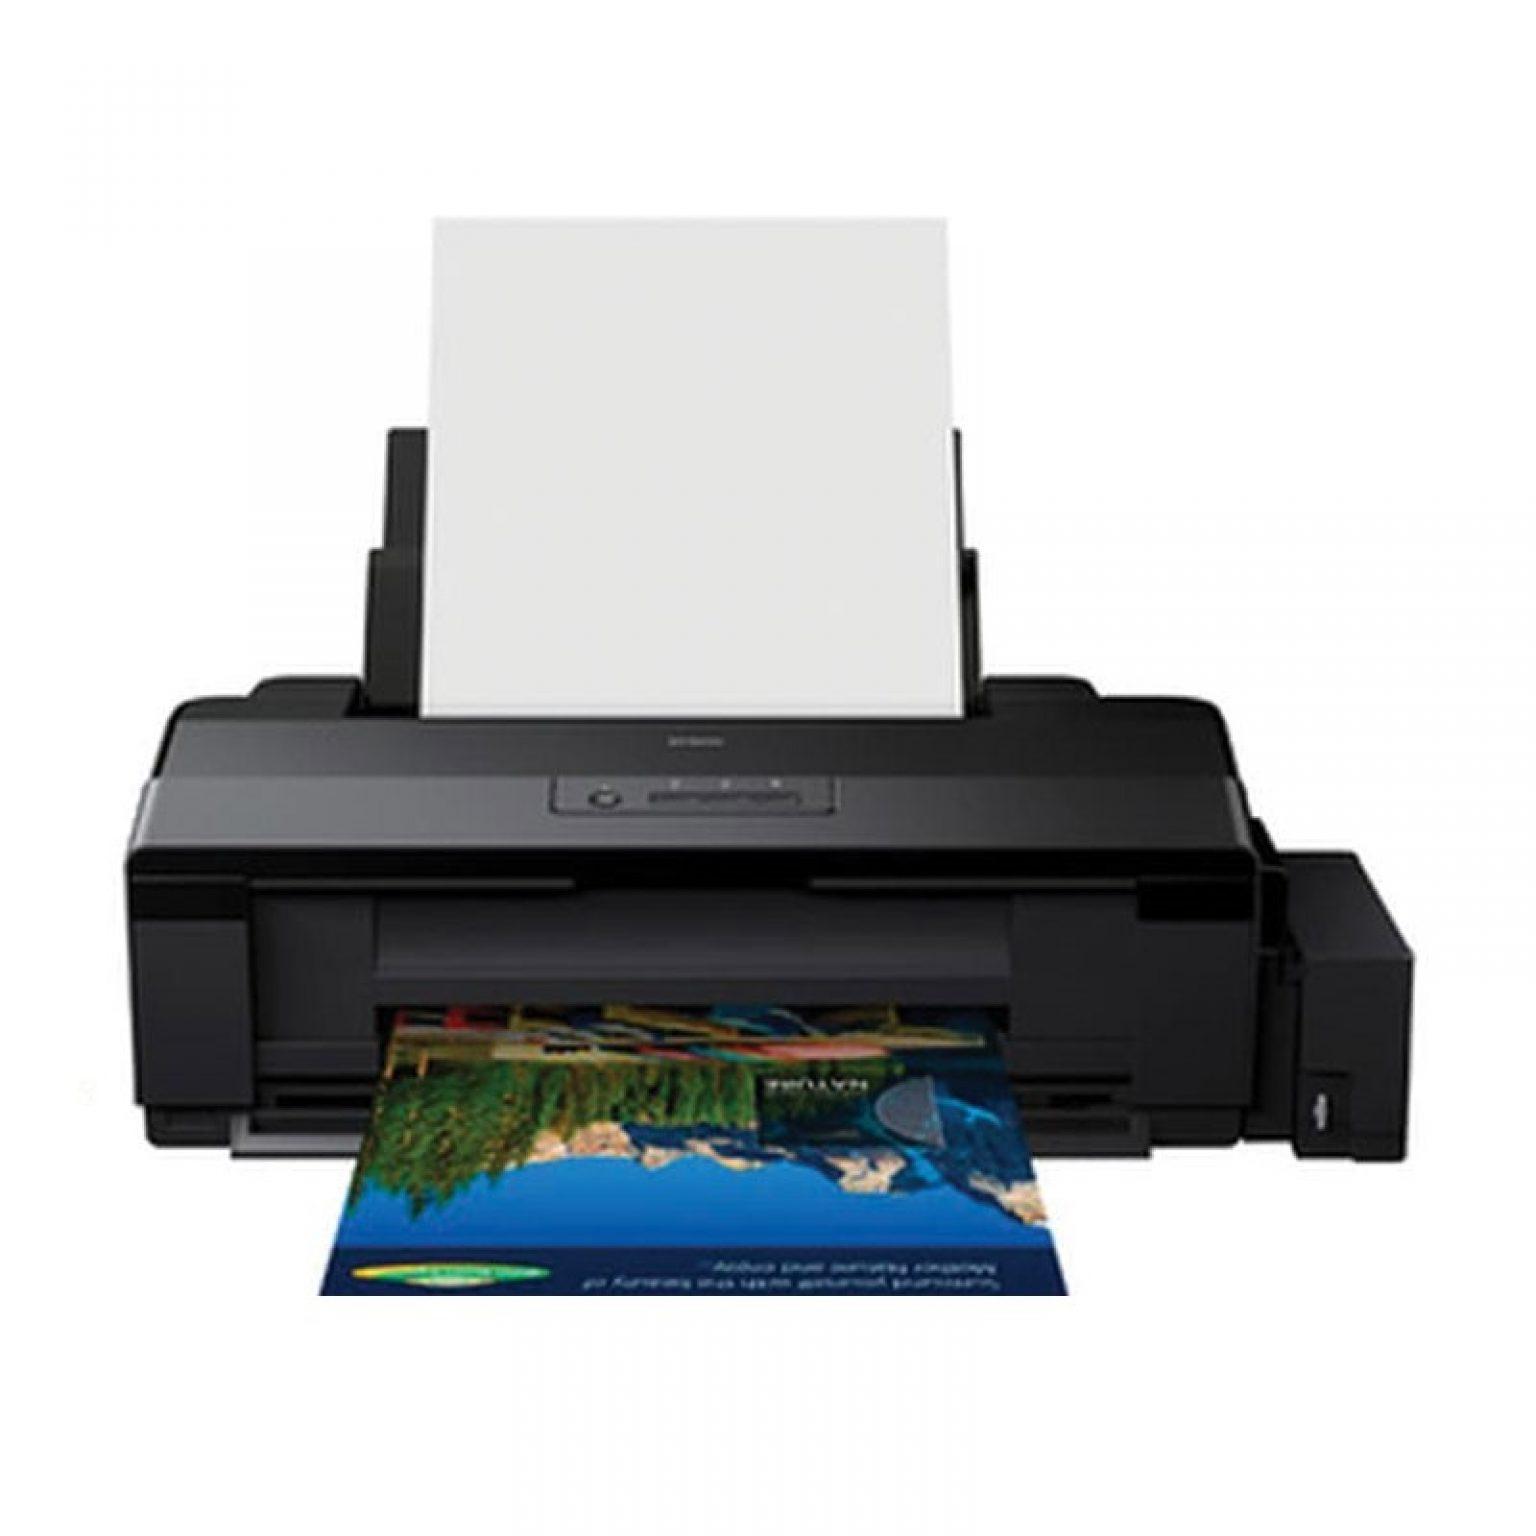 EPSON - L1800 A3 Ink Tank Printer